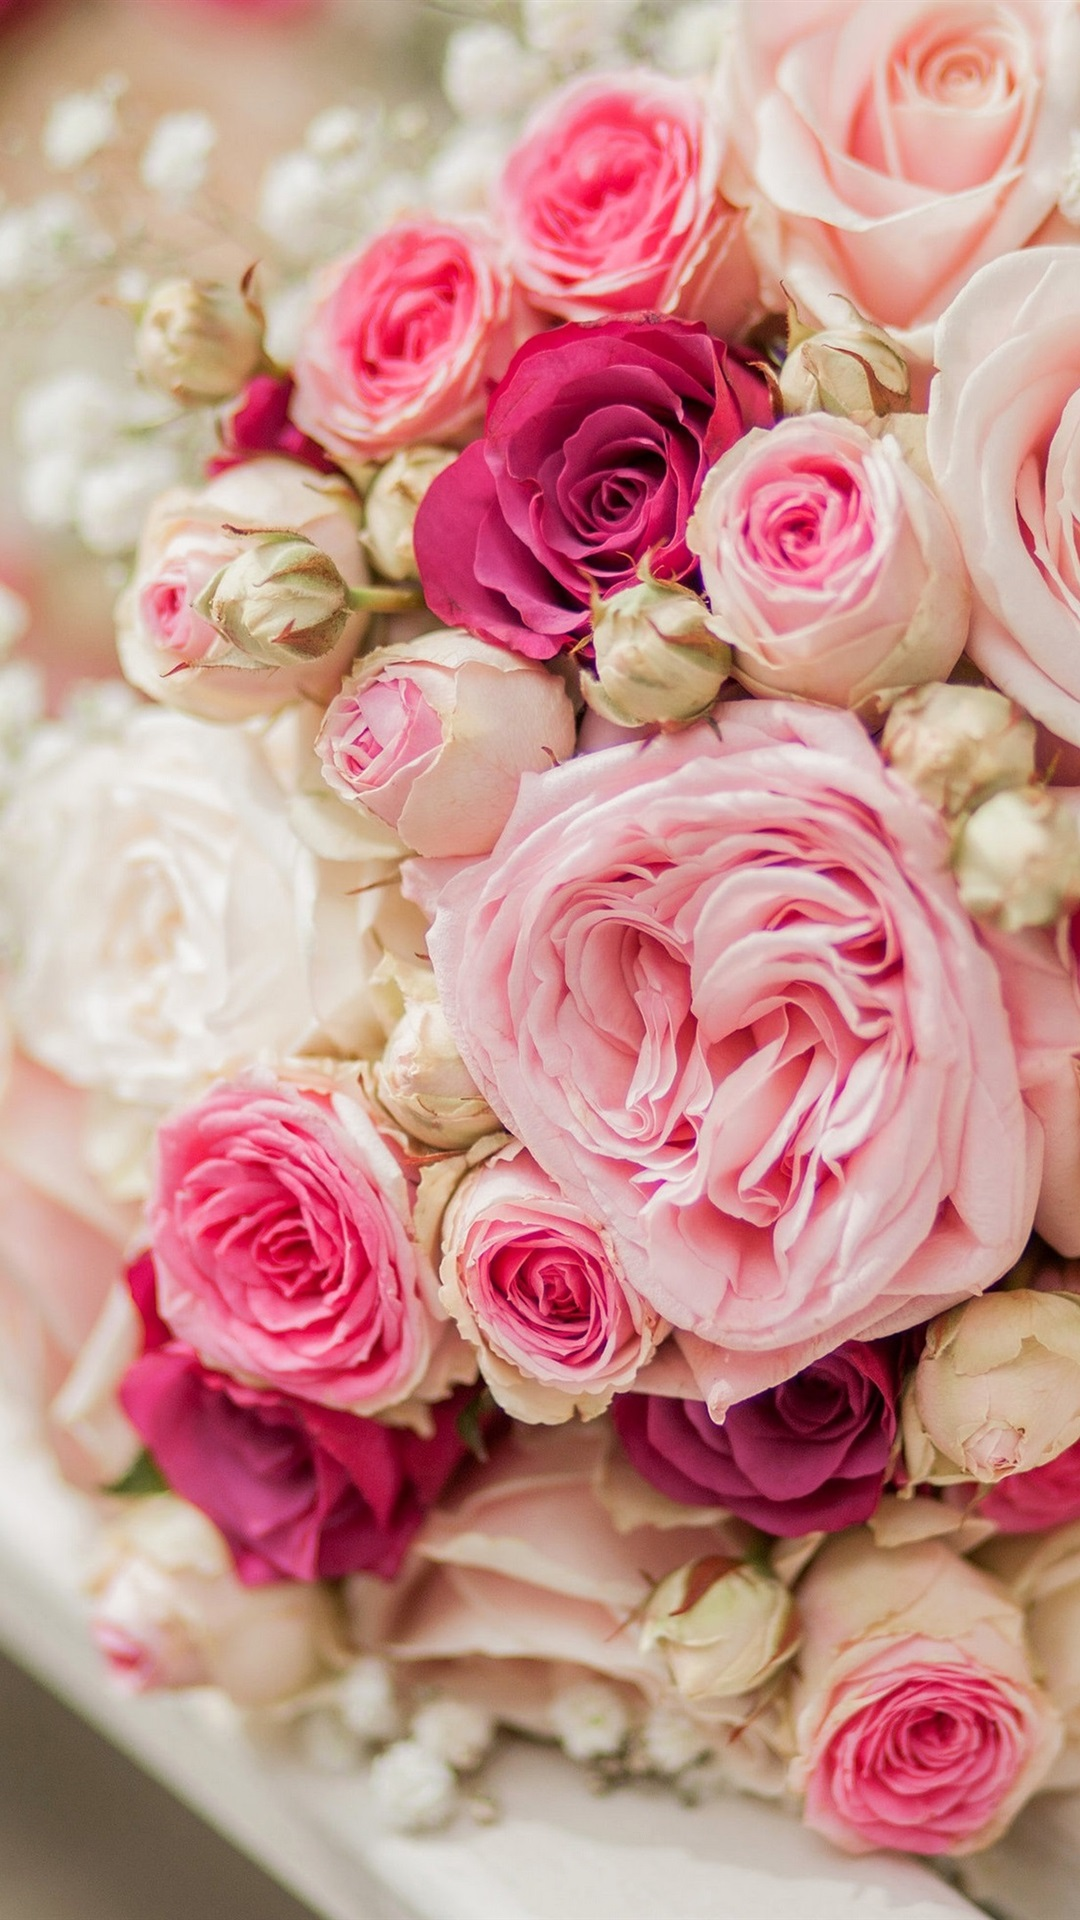 壁紙 ブーケはピンクと白の花 バラ ベンチ 3840x2160 Uhd 4k 無料の